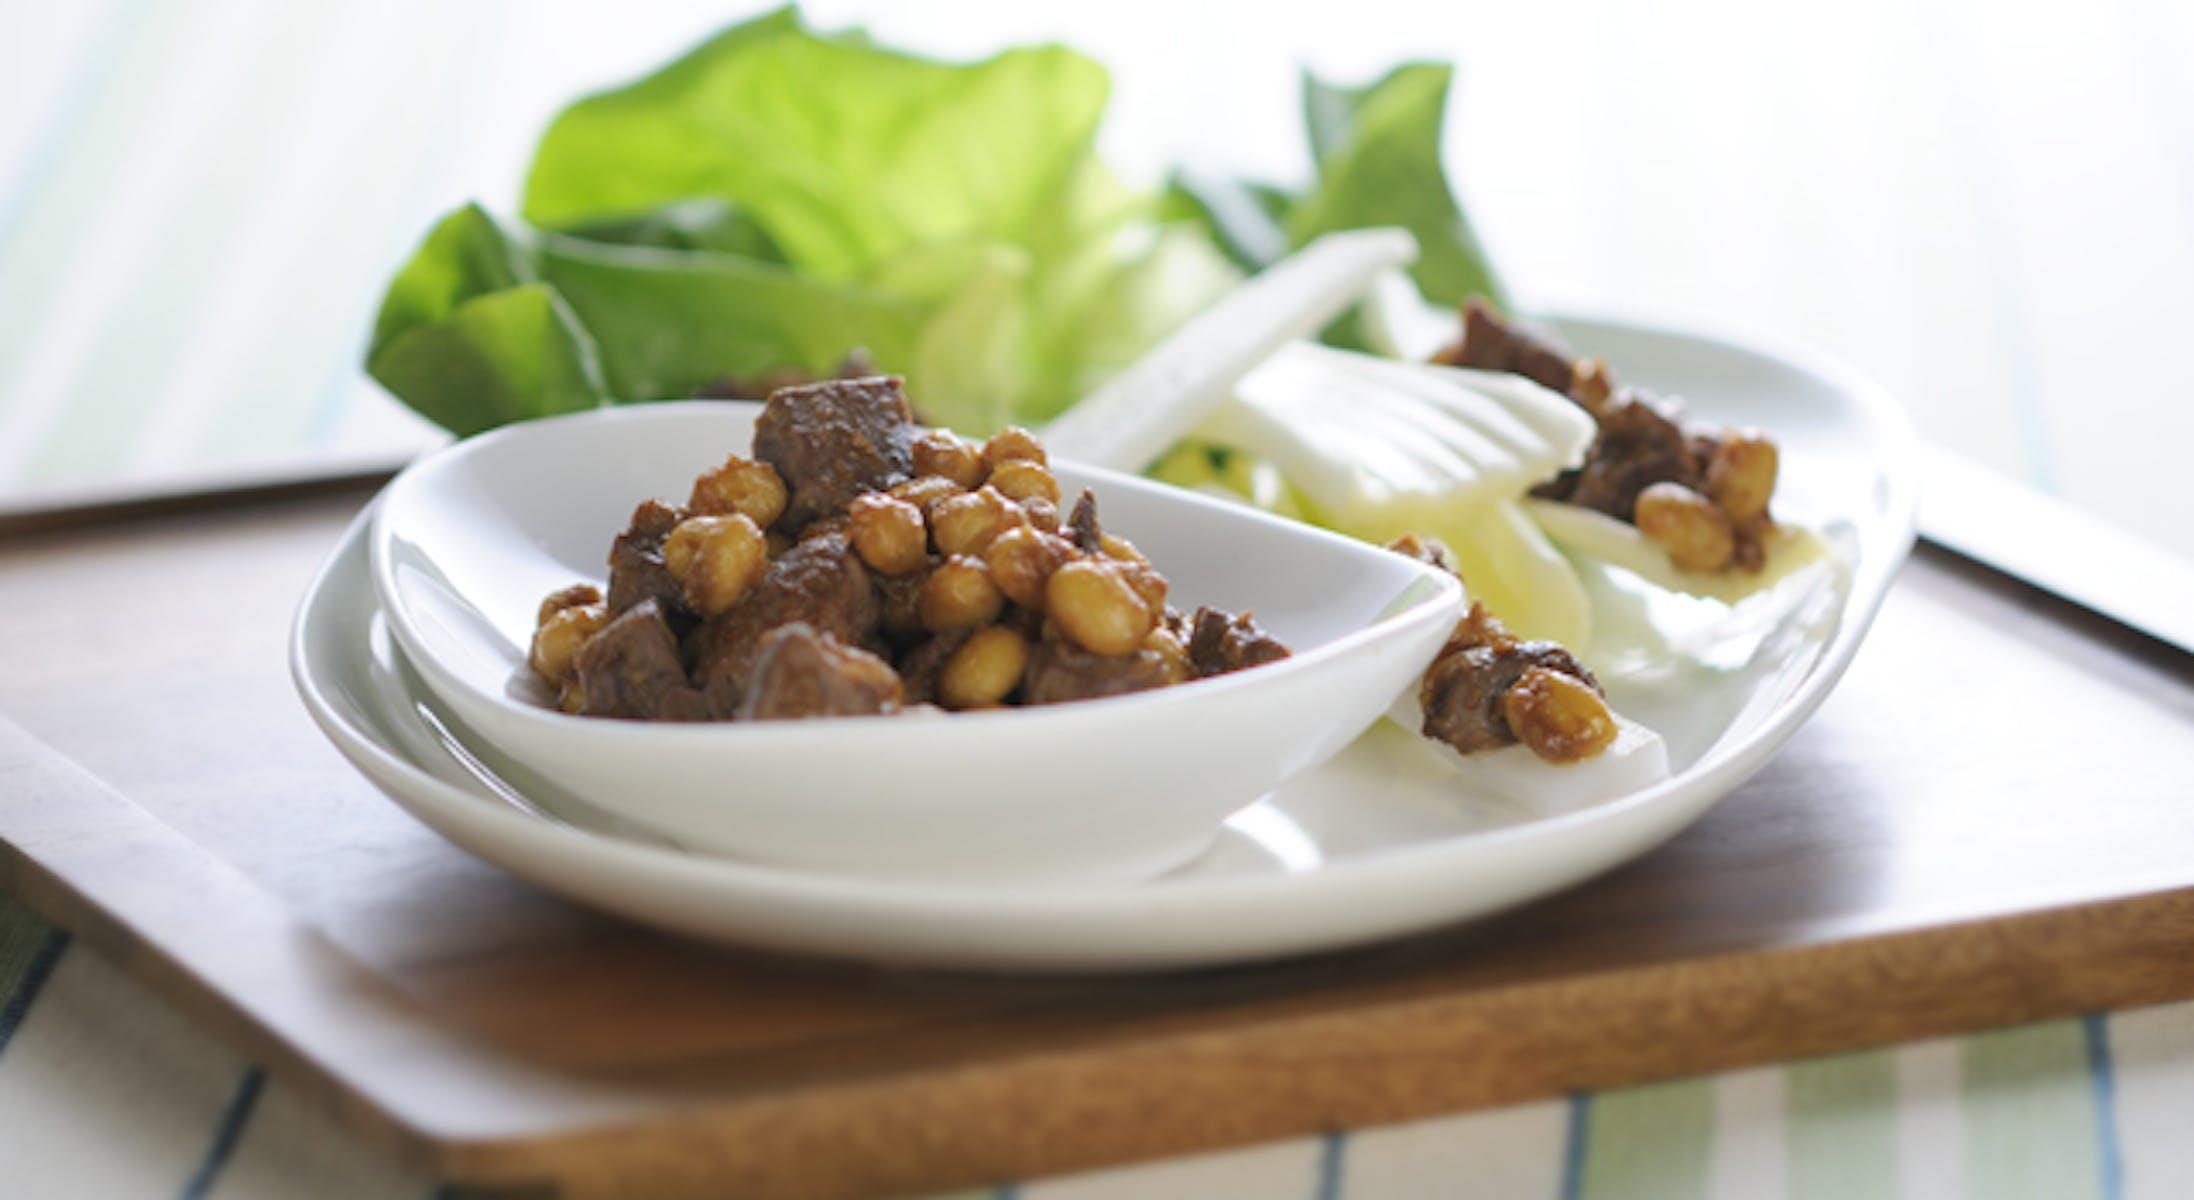 レバー豆みそ生野菜添え